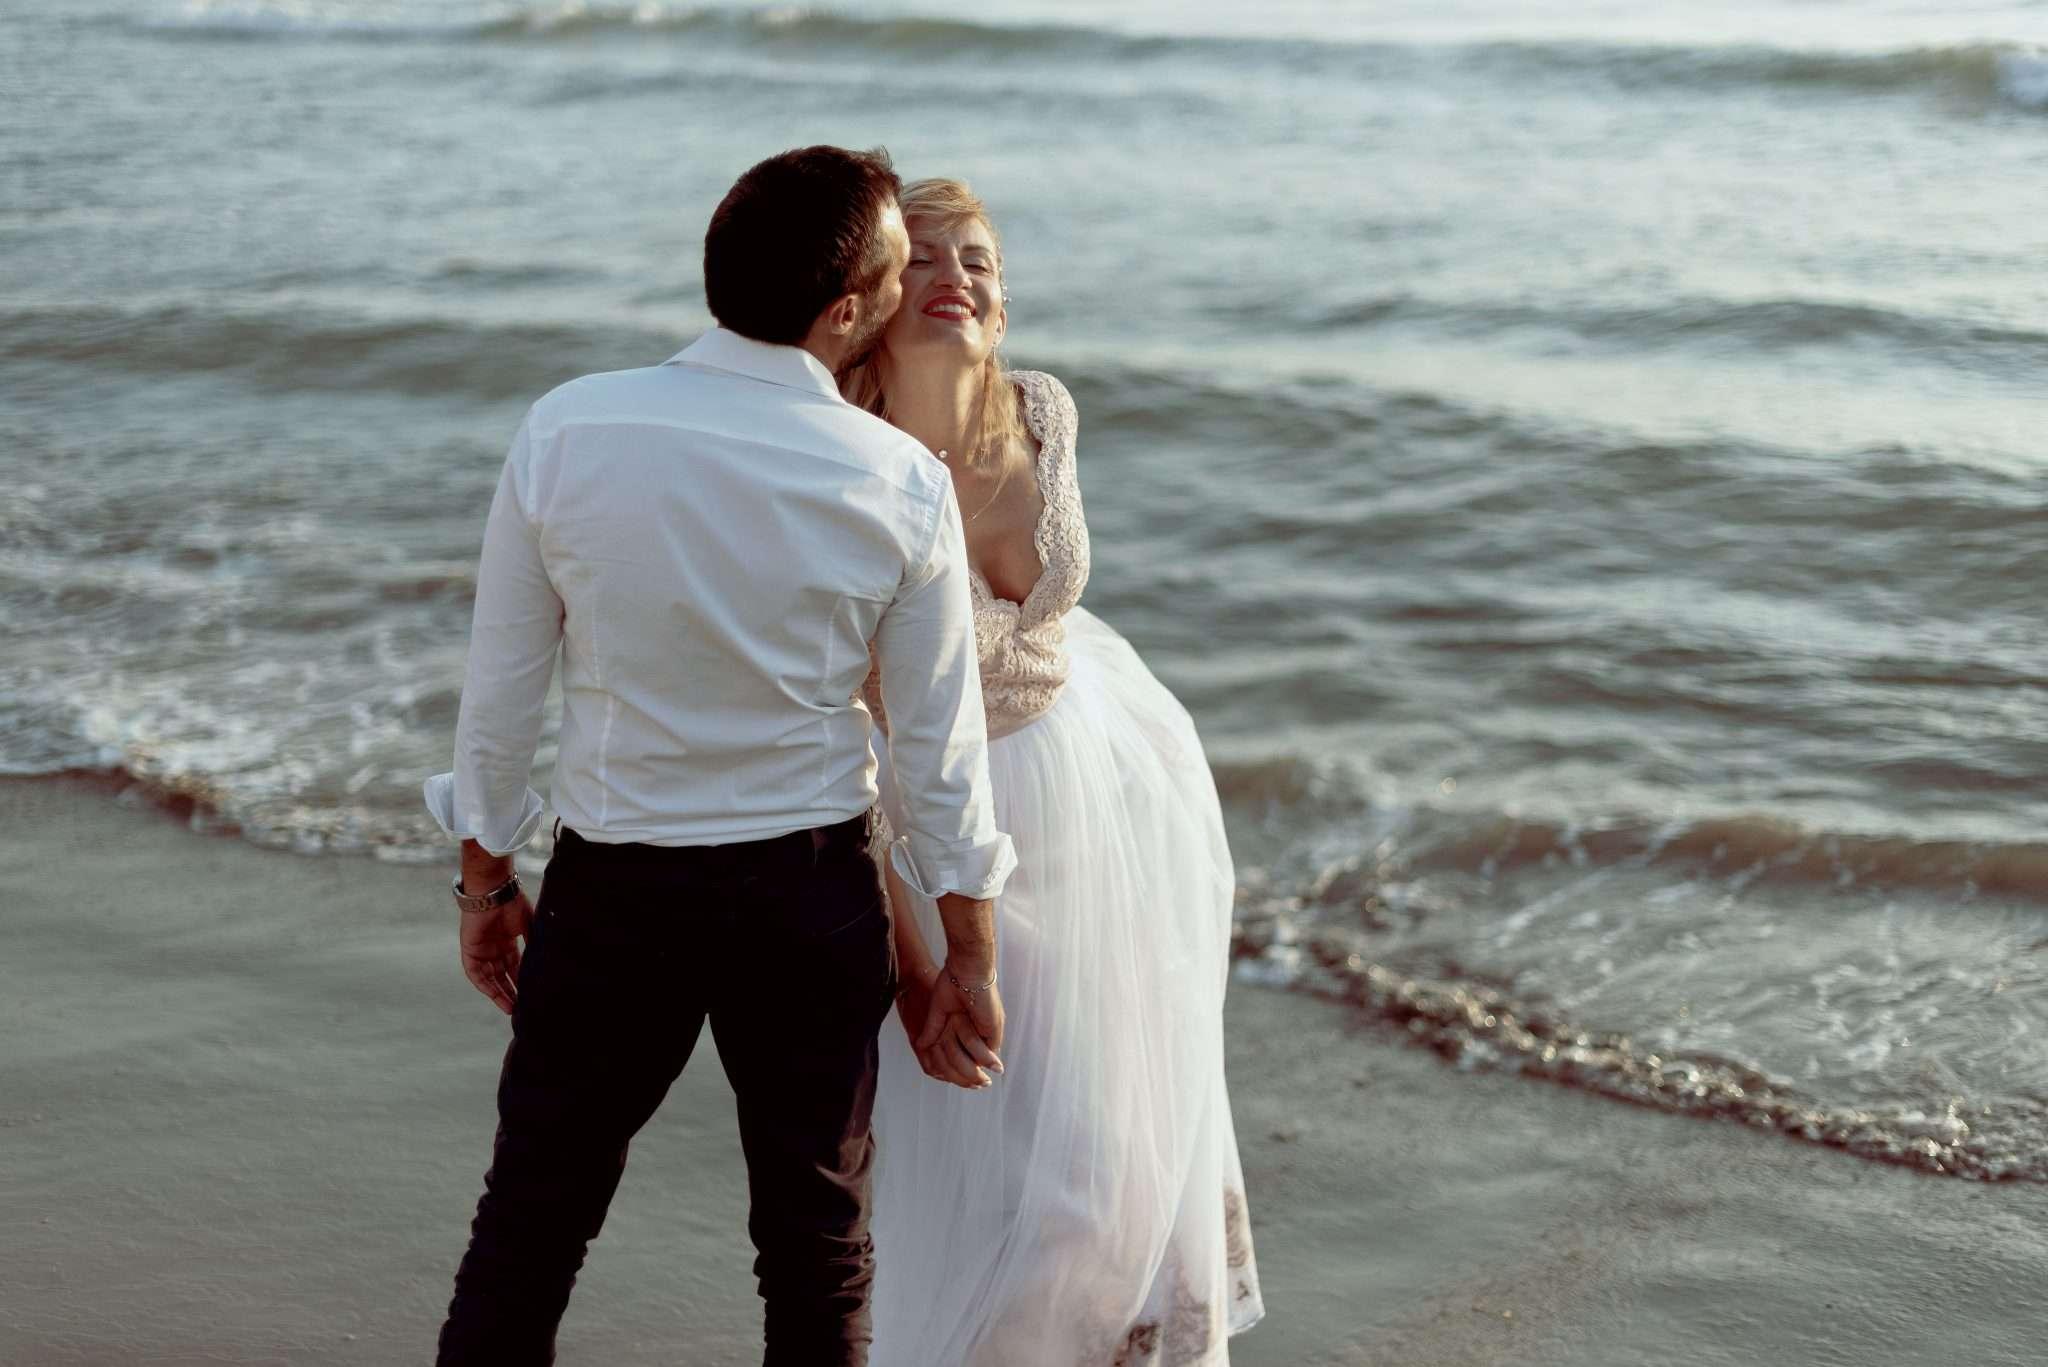 Fotografia sposi in spiaggia - wedding reportage realizzata da Barbara Trincone fotografa con studio a Pozzuoli - Napoli